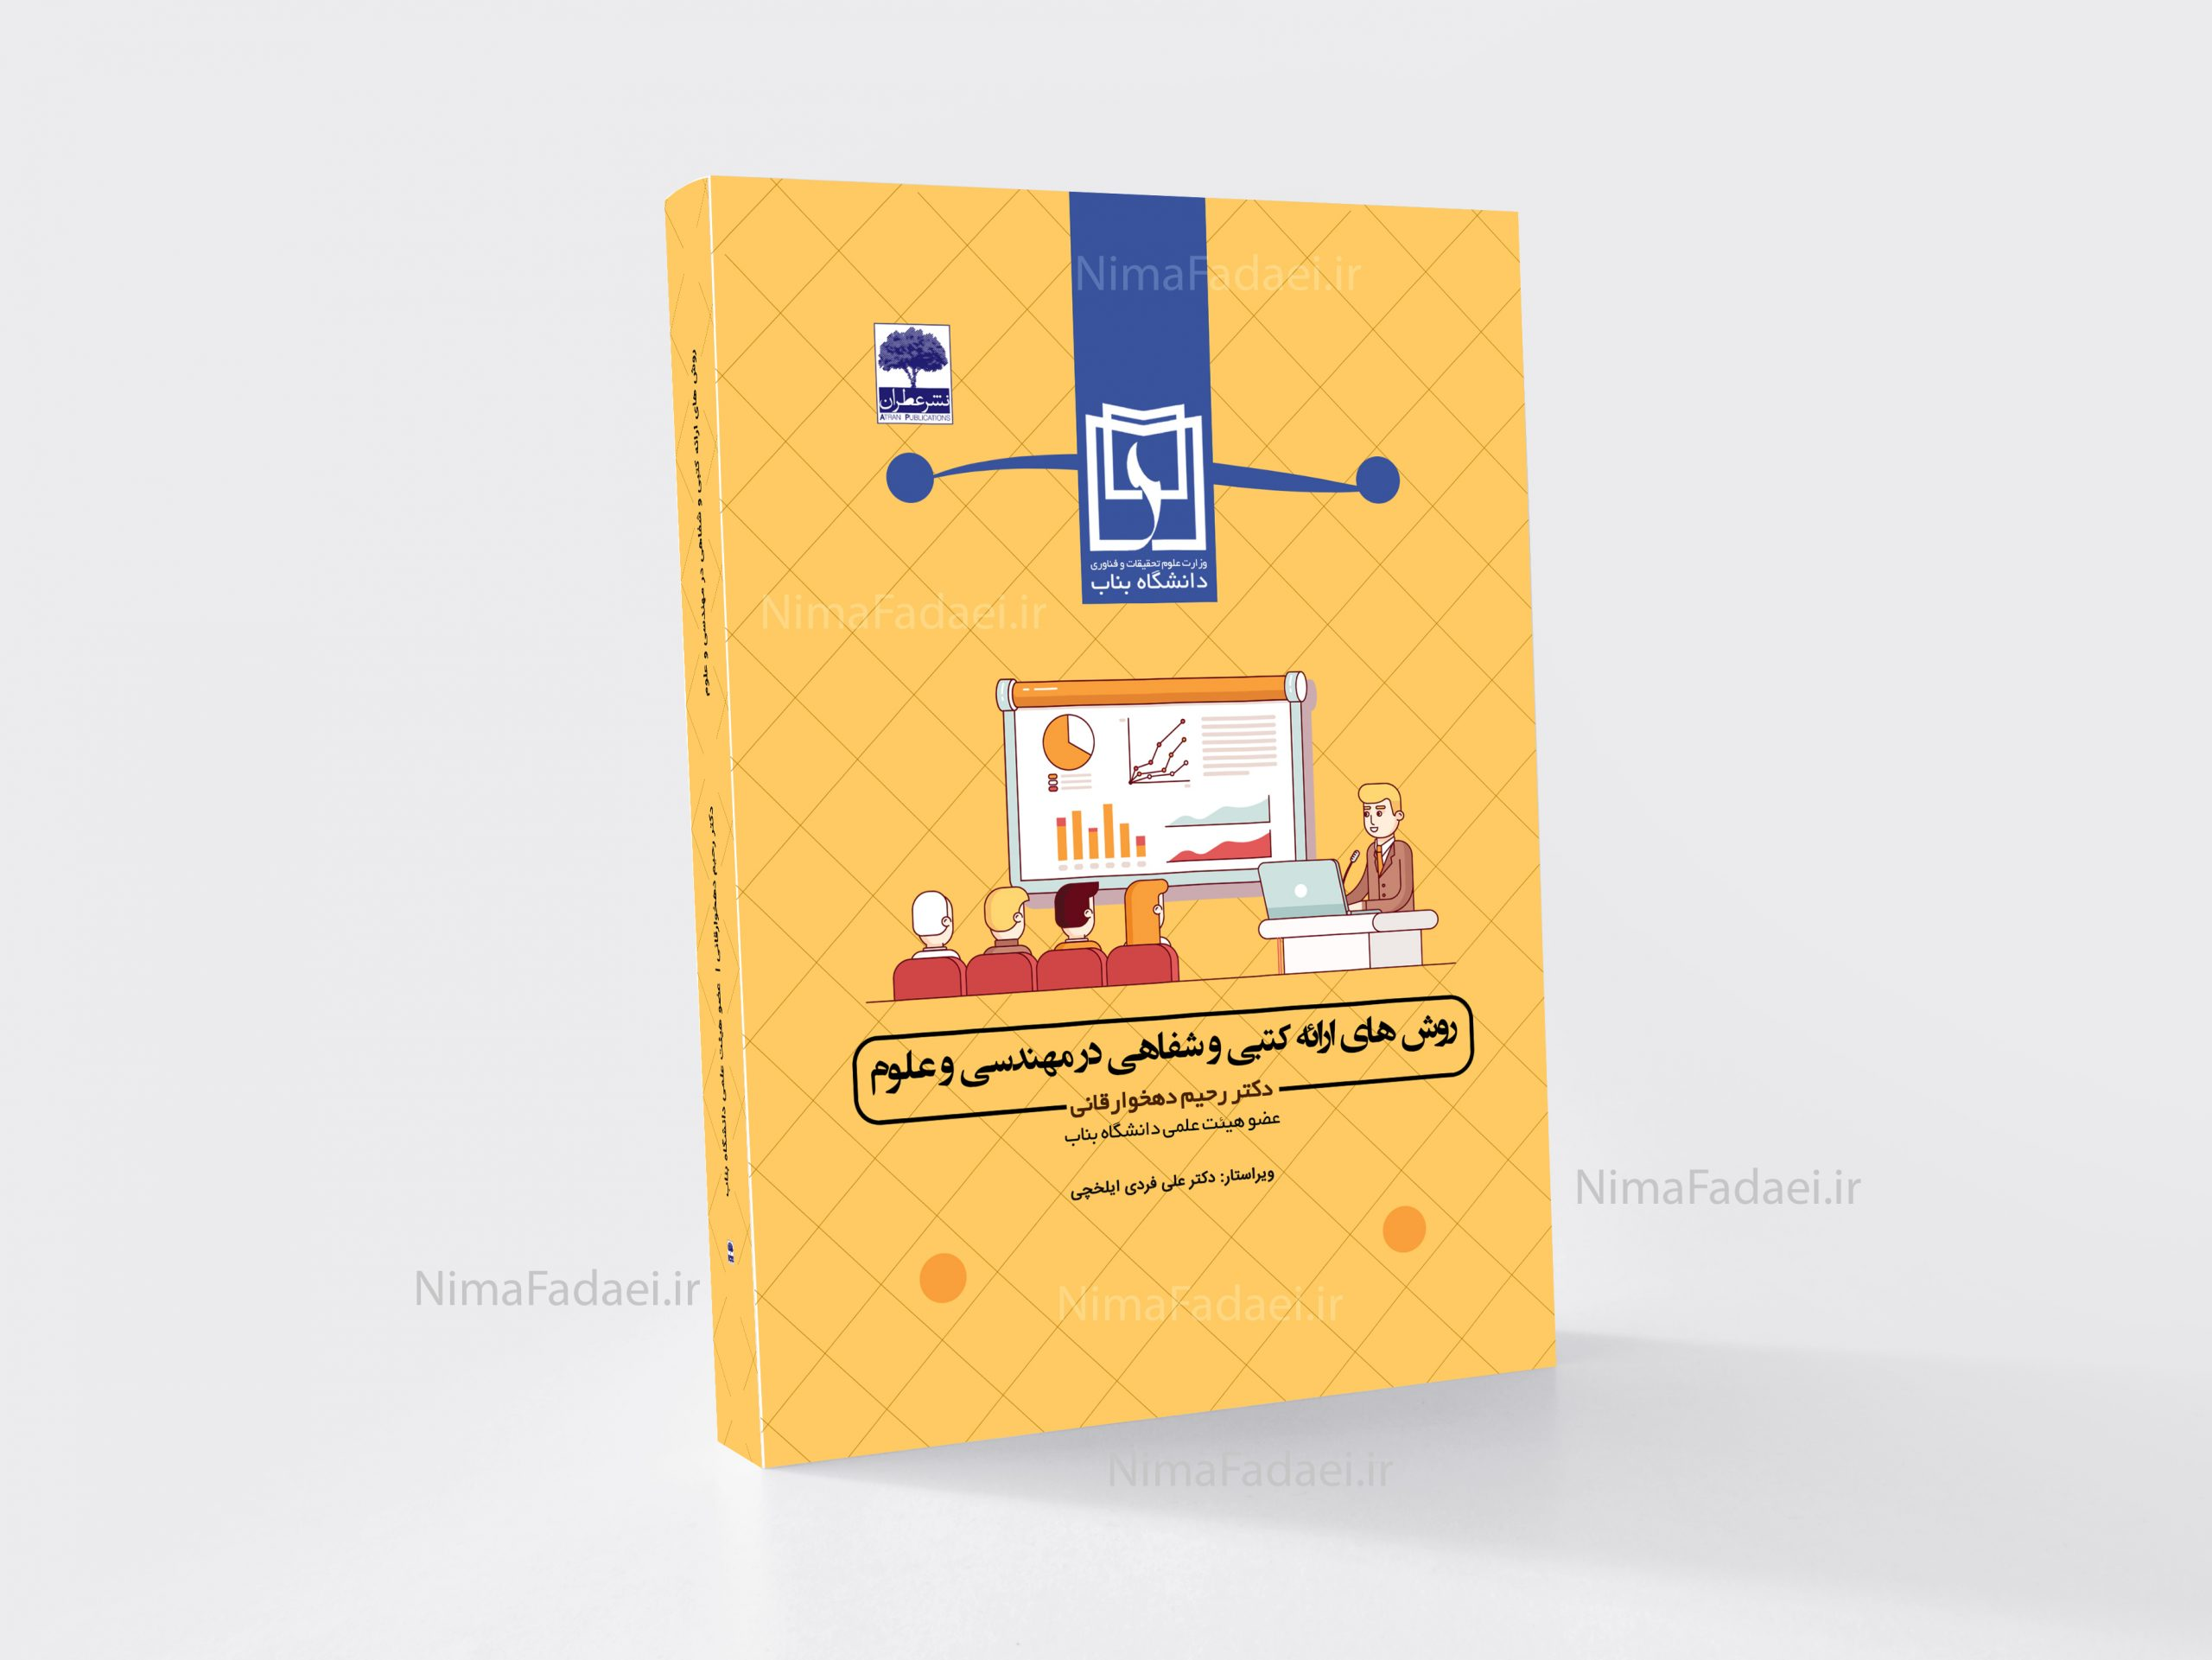 طراحی جلد کتاب روش های ارائه و پژوهش دکتر دهخوارقانی